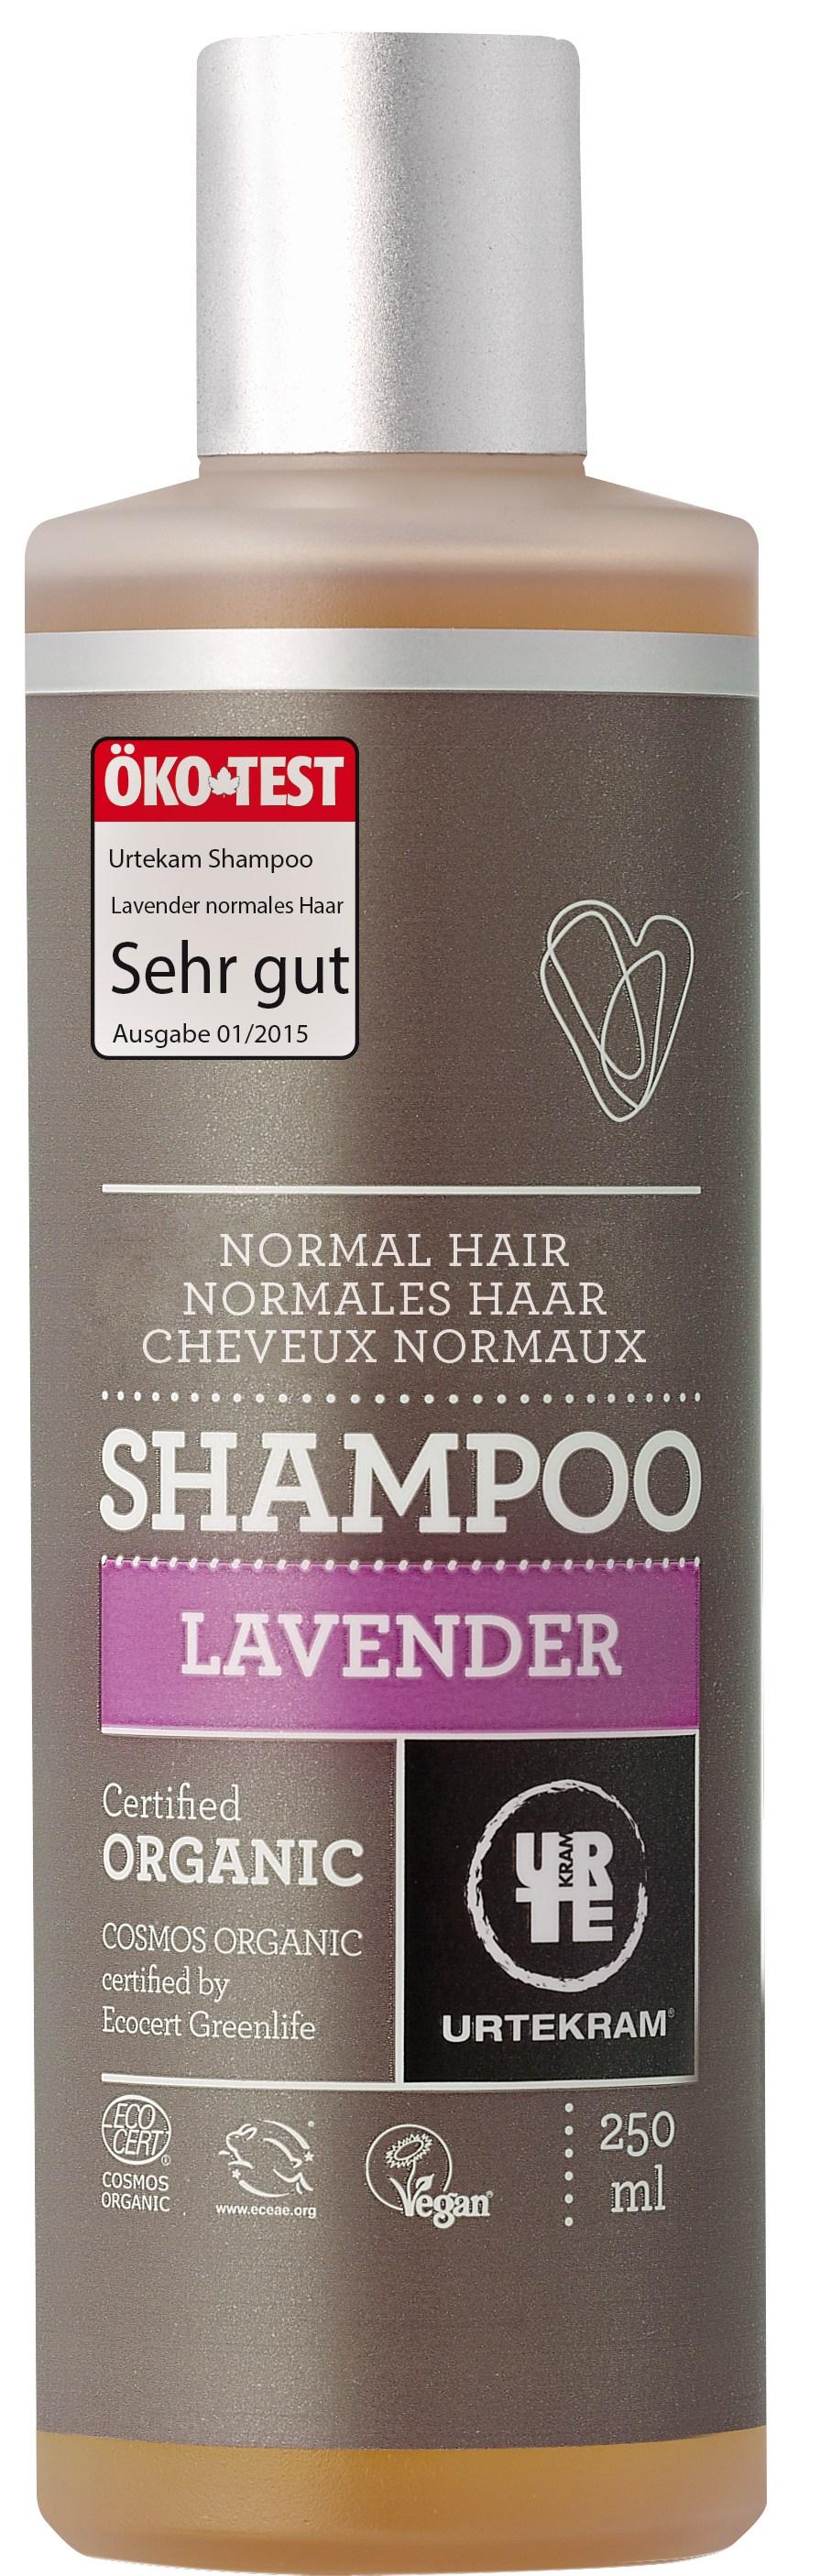 Urtekram Lavendel Shampoo - Normalt Hår - 250 ml